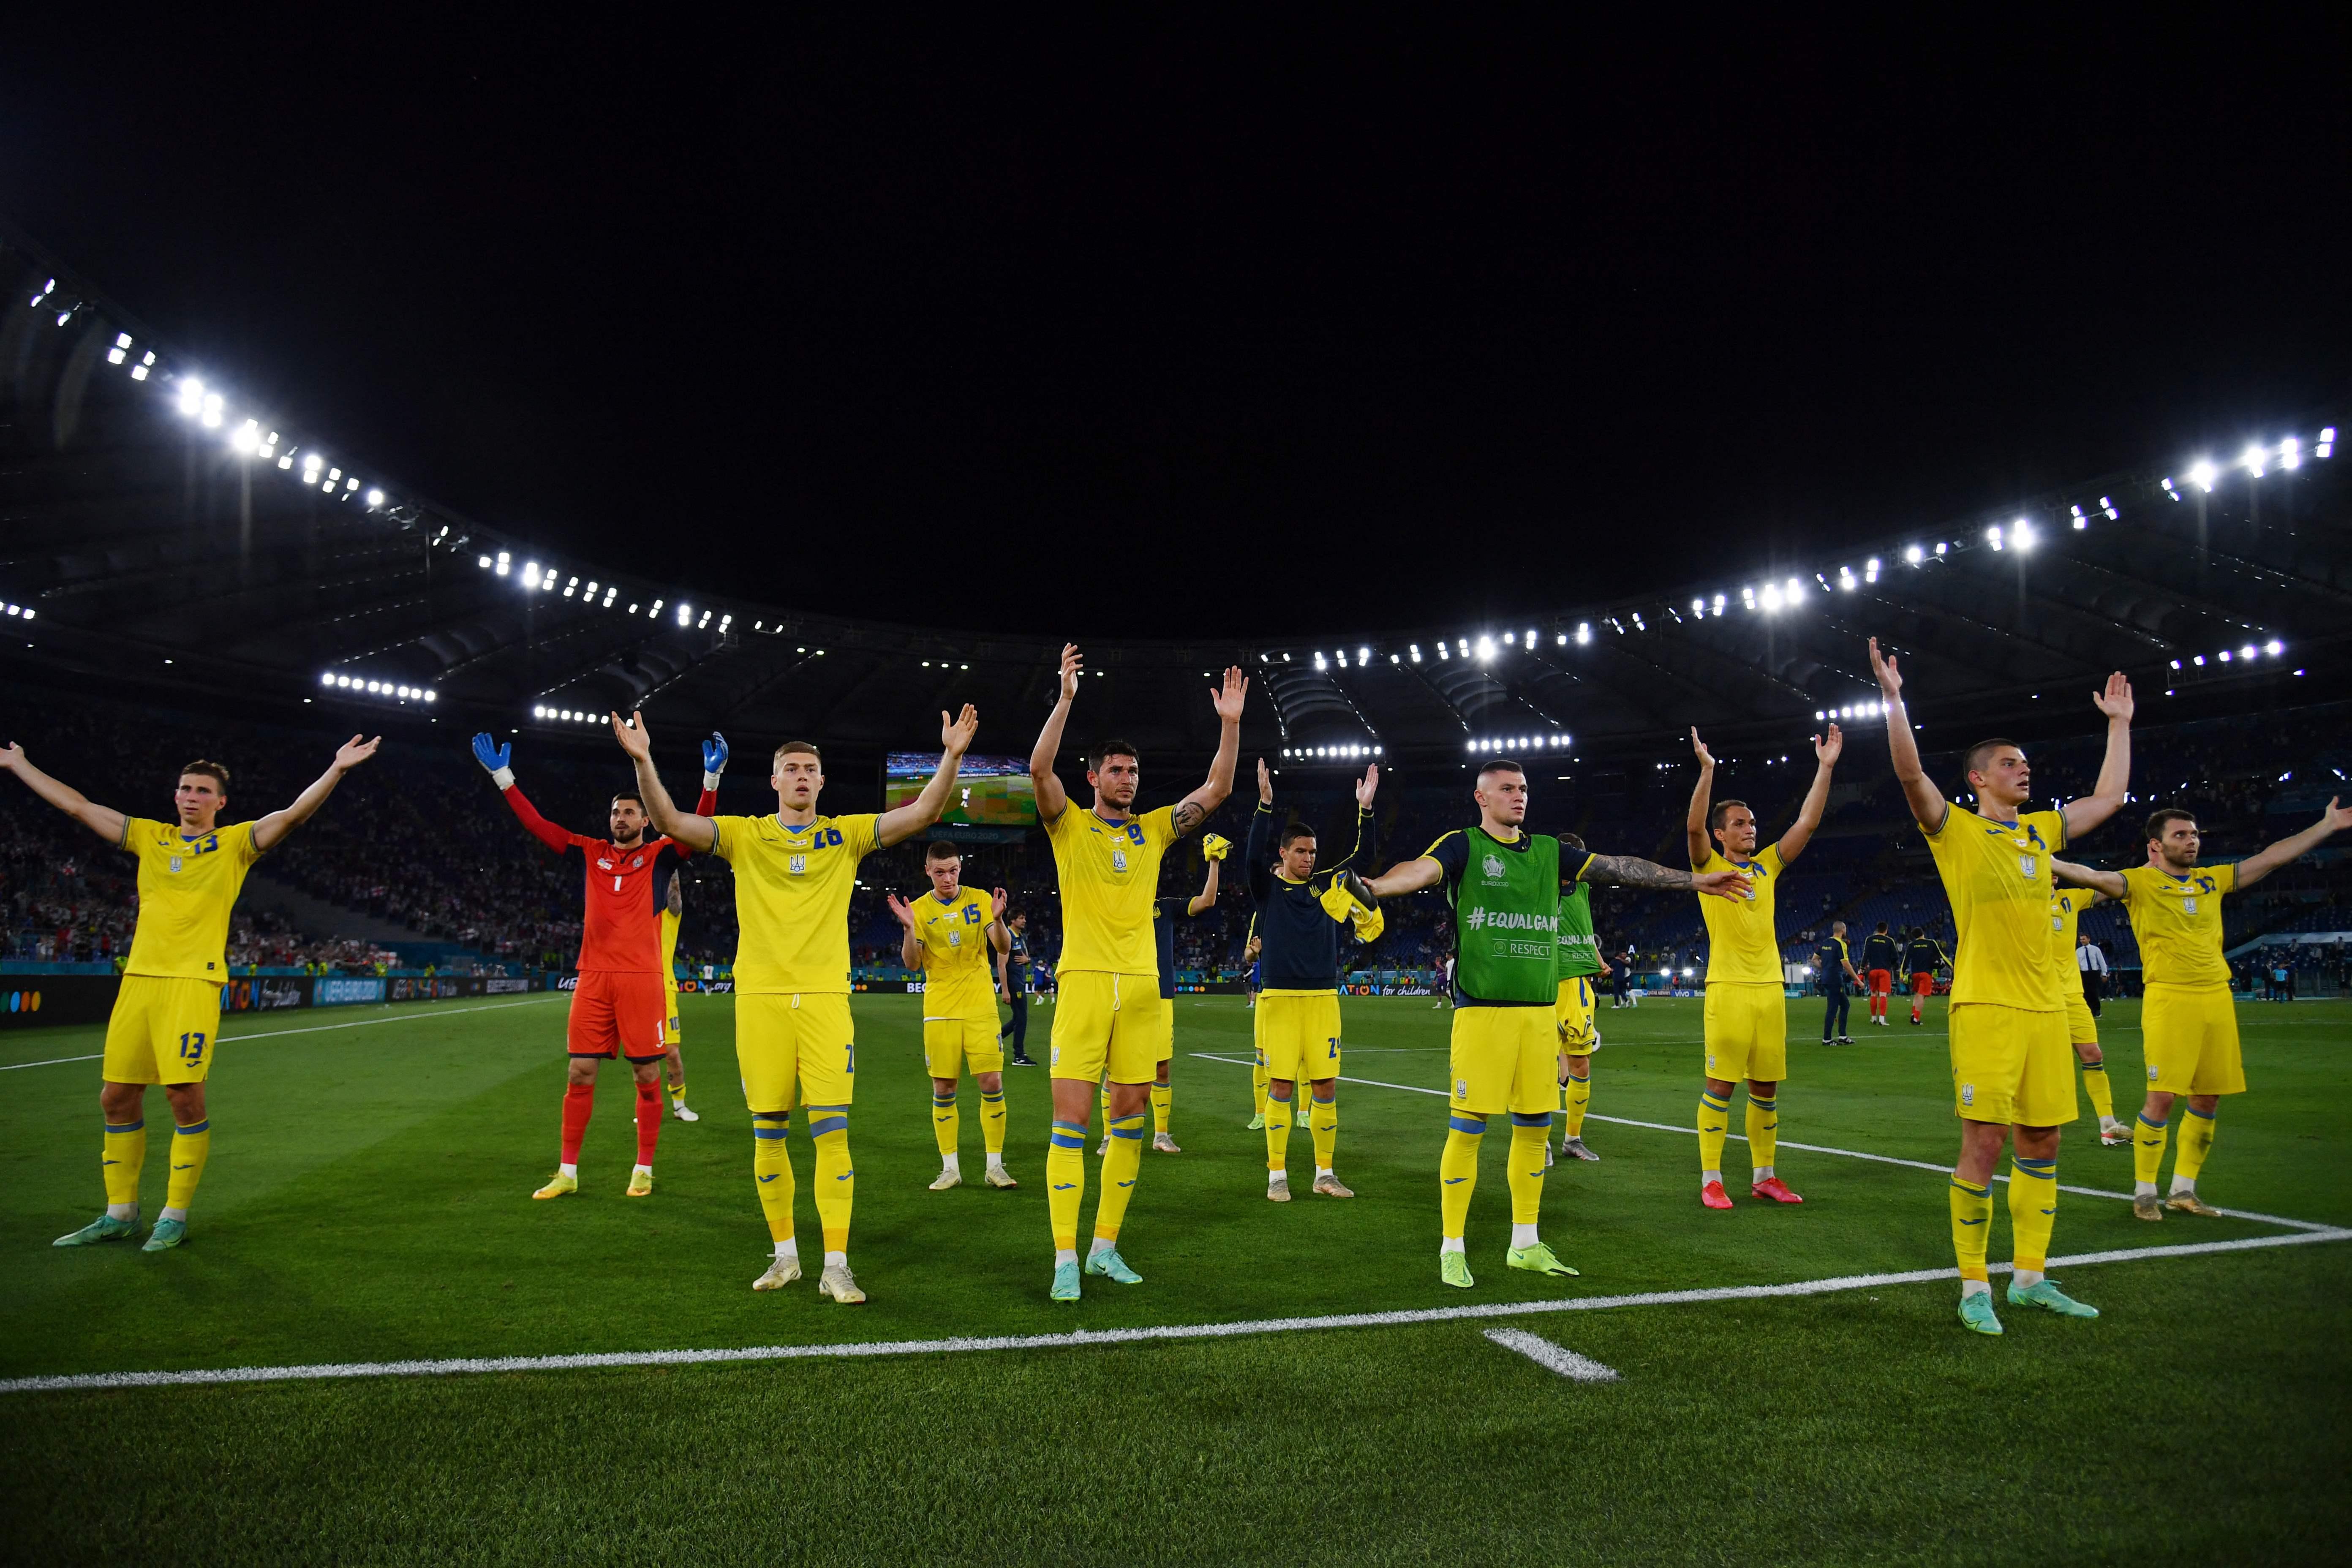 虽然0-4大败,但进入欧洲杯八强已经创造了乌克兰队的历史。